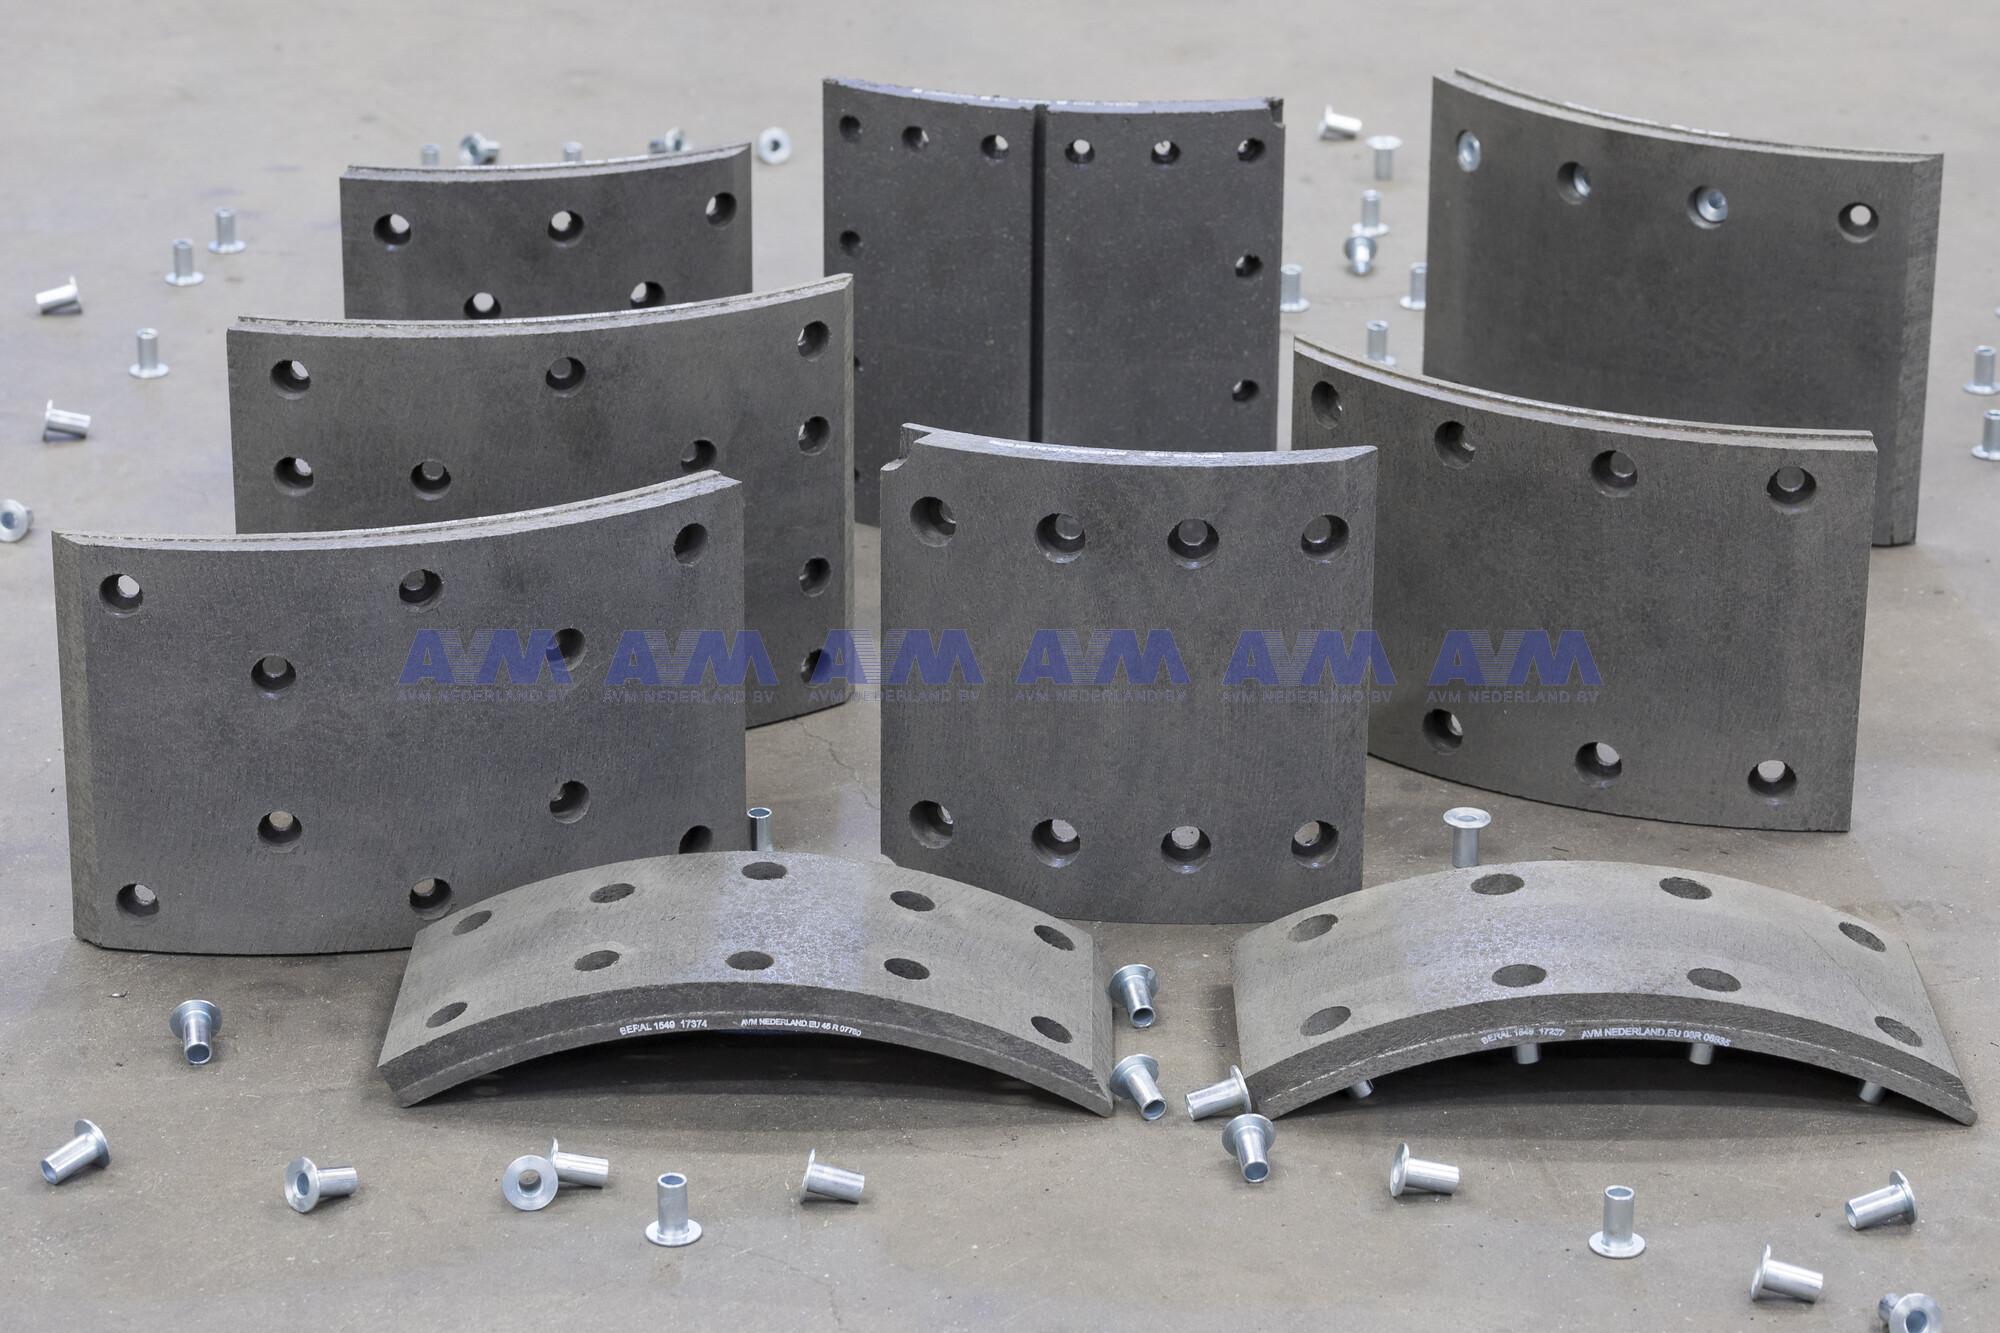 Remvoeringset 504x160 mm (8 stuks) 803601803 Valmet